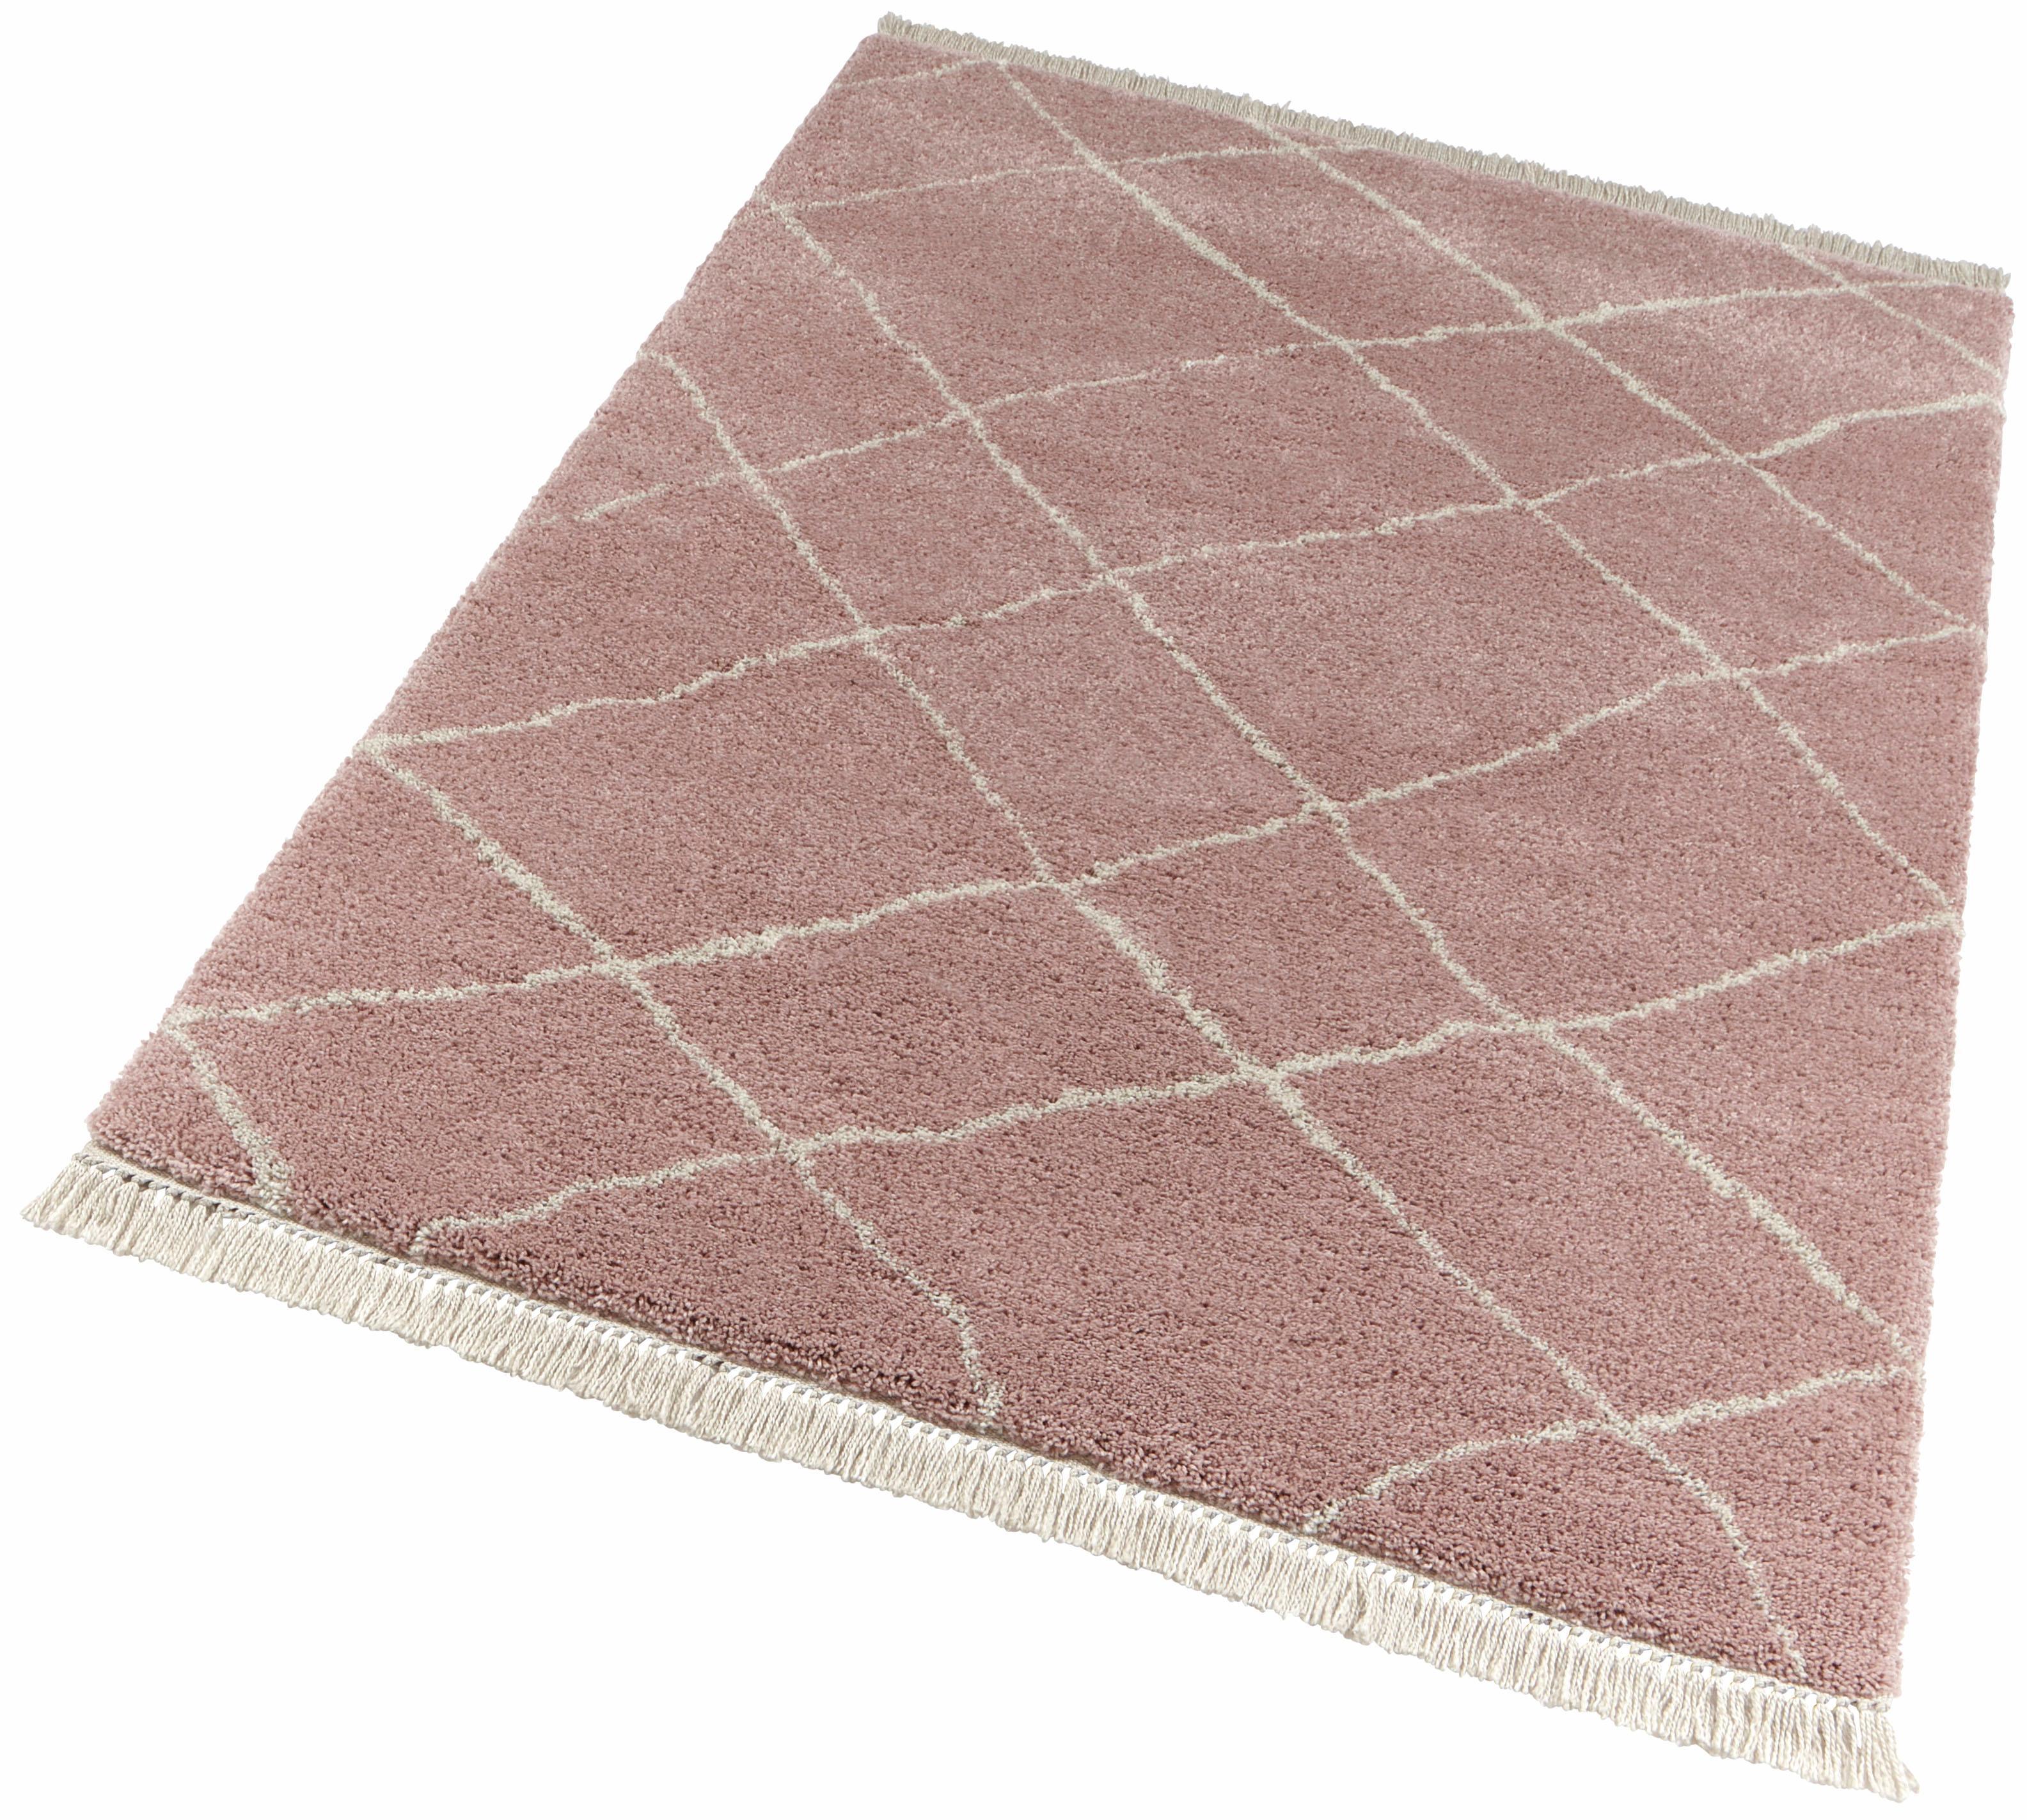 Hochflor-Teppich Primrose freundin Home Collection rechteckig Höhe 35 mm maschinell gewebt